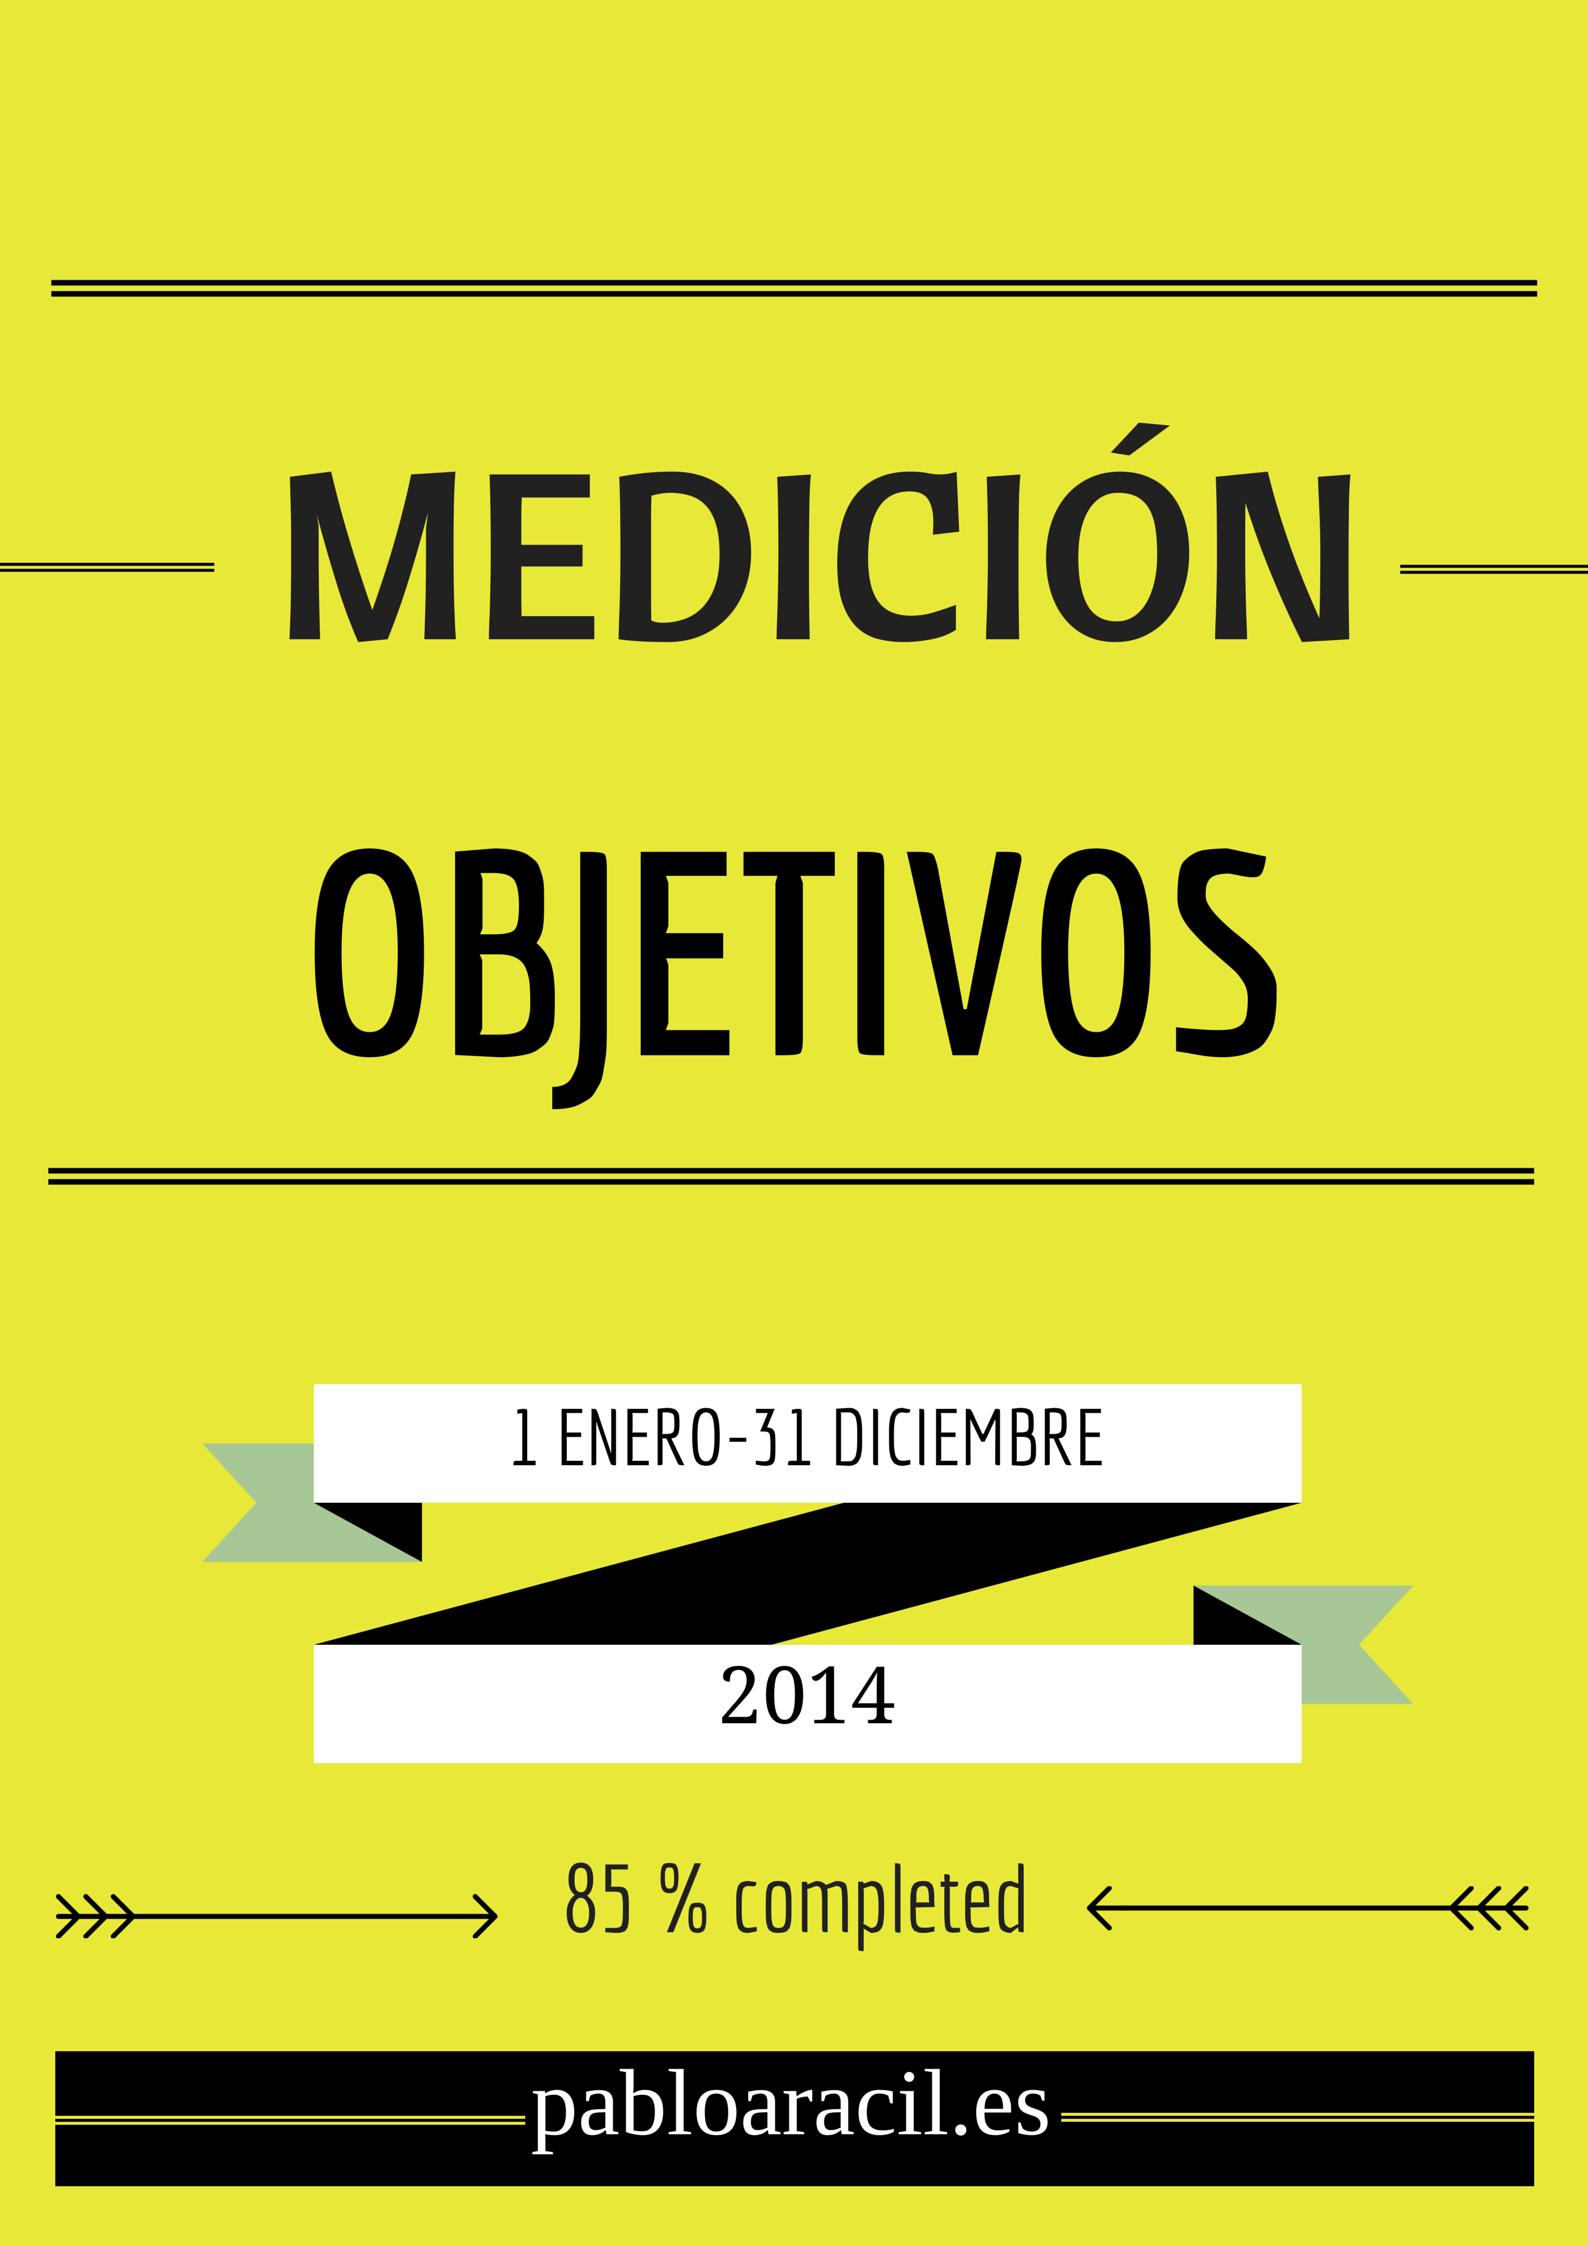 medición objetivos 2014 en pabloaracil.es